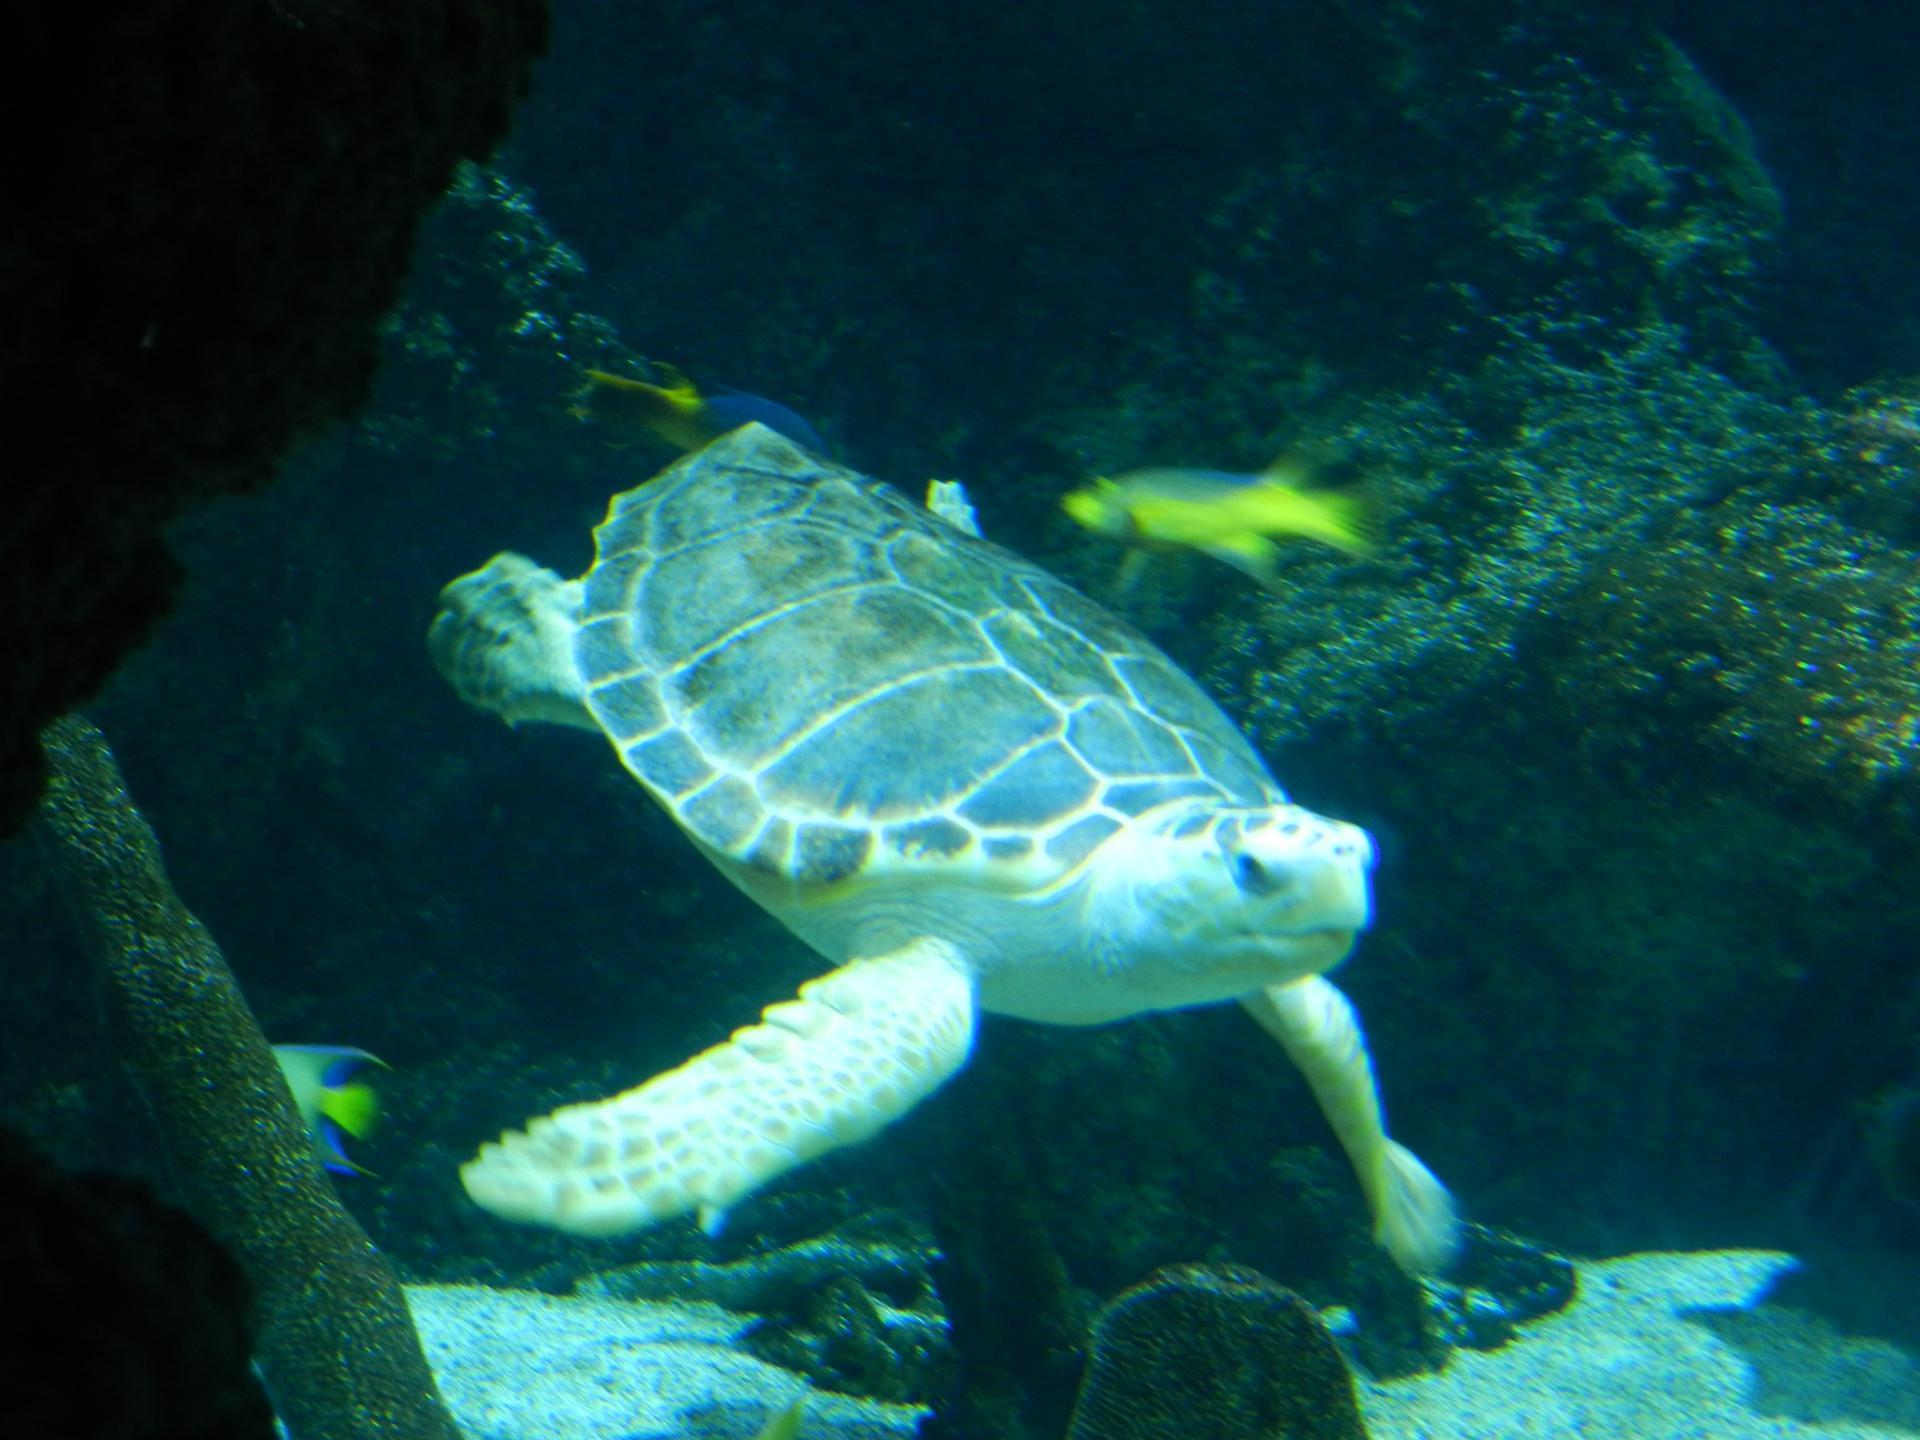 l 'aquarium